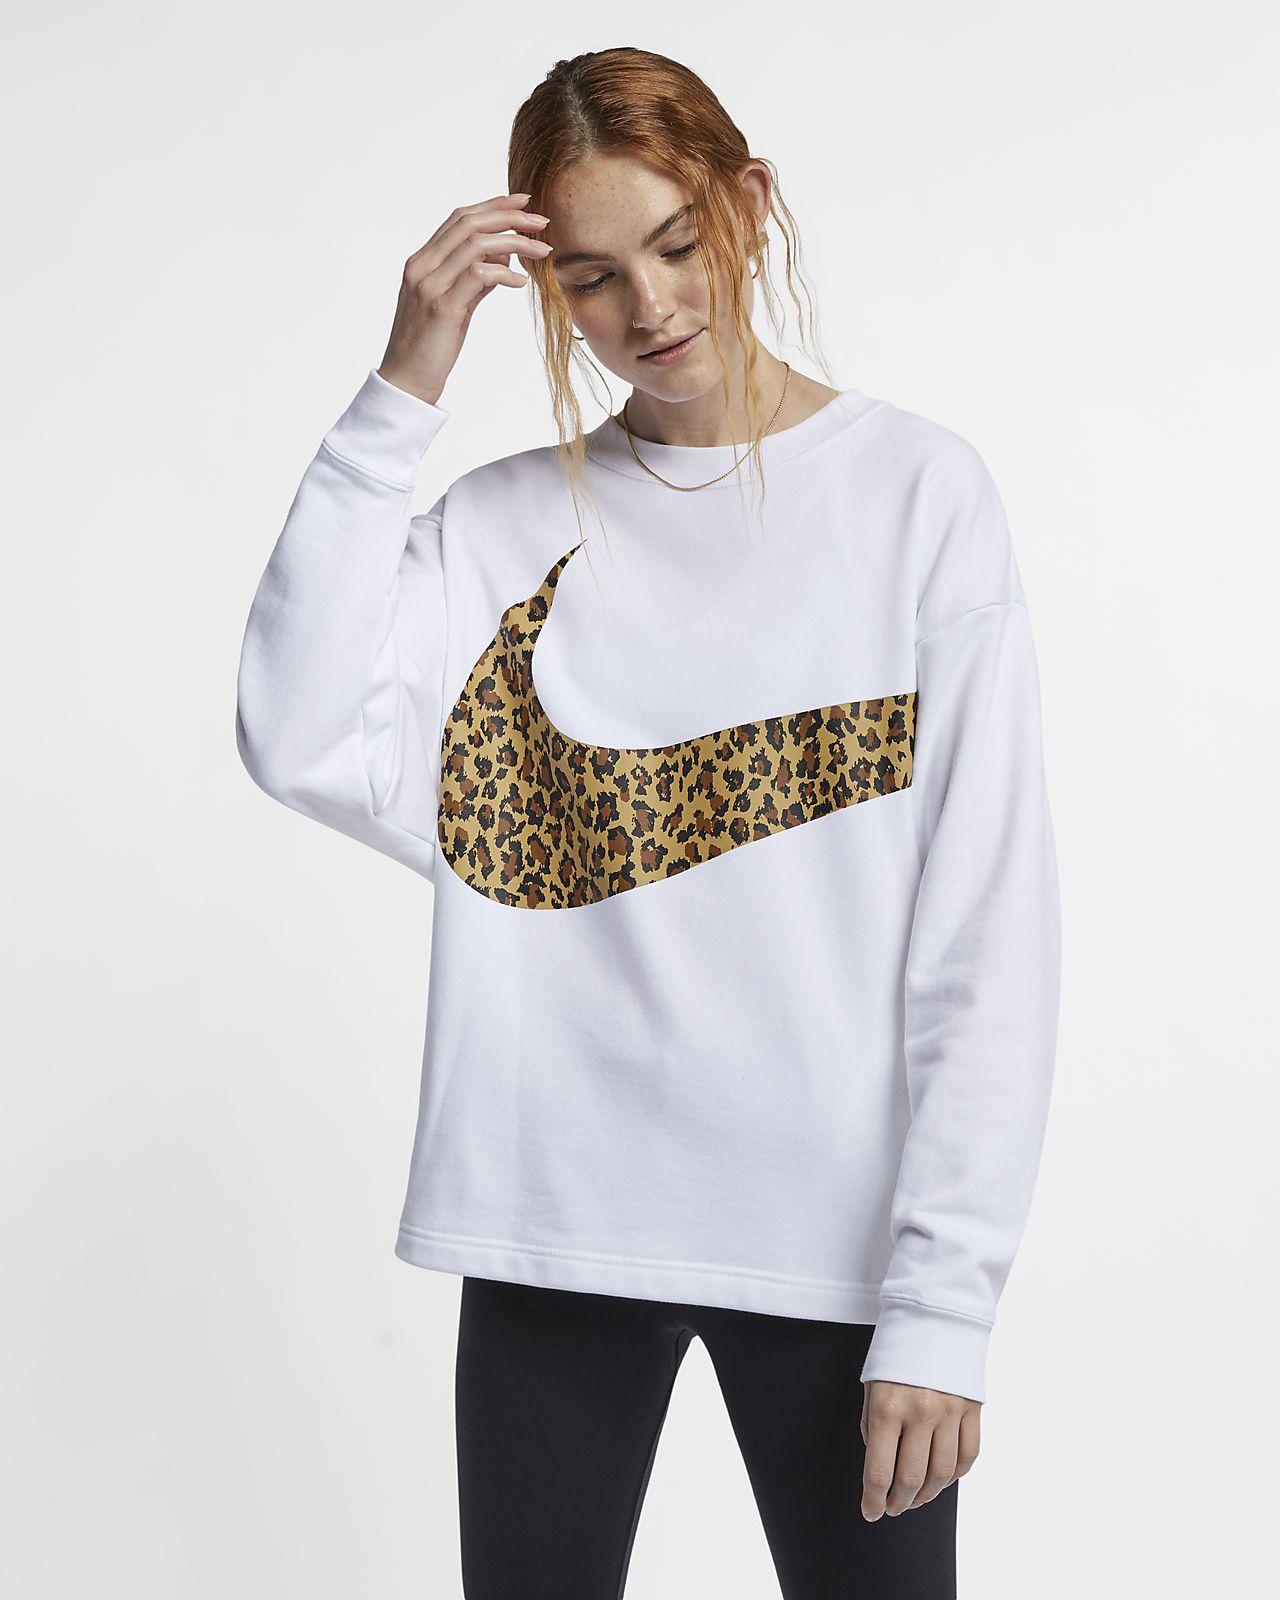 Haut à imprimé animal Nike Sportswear pour Femme